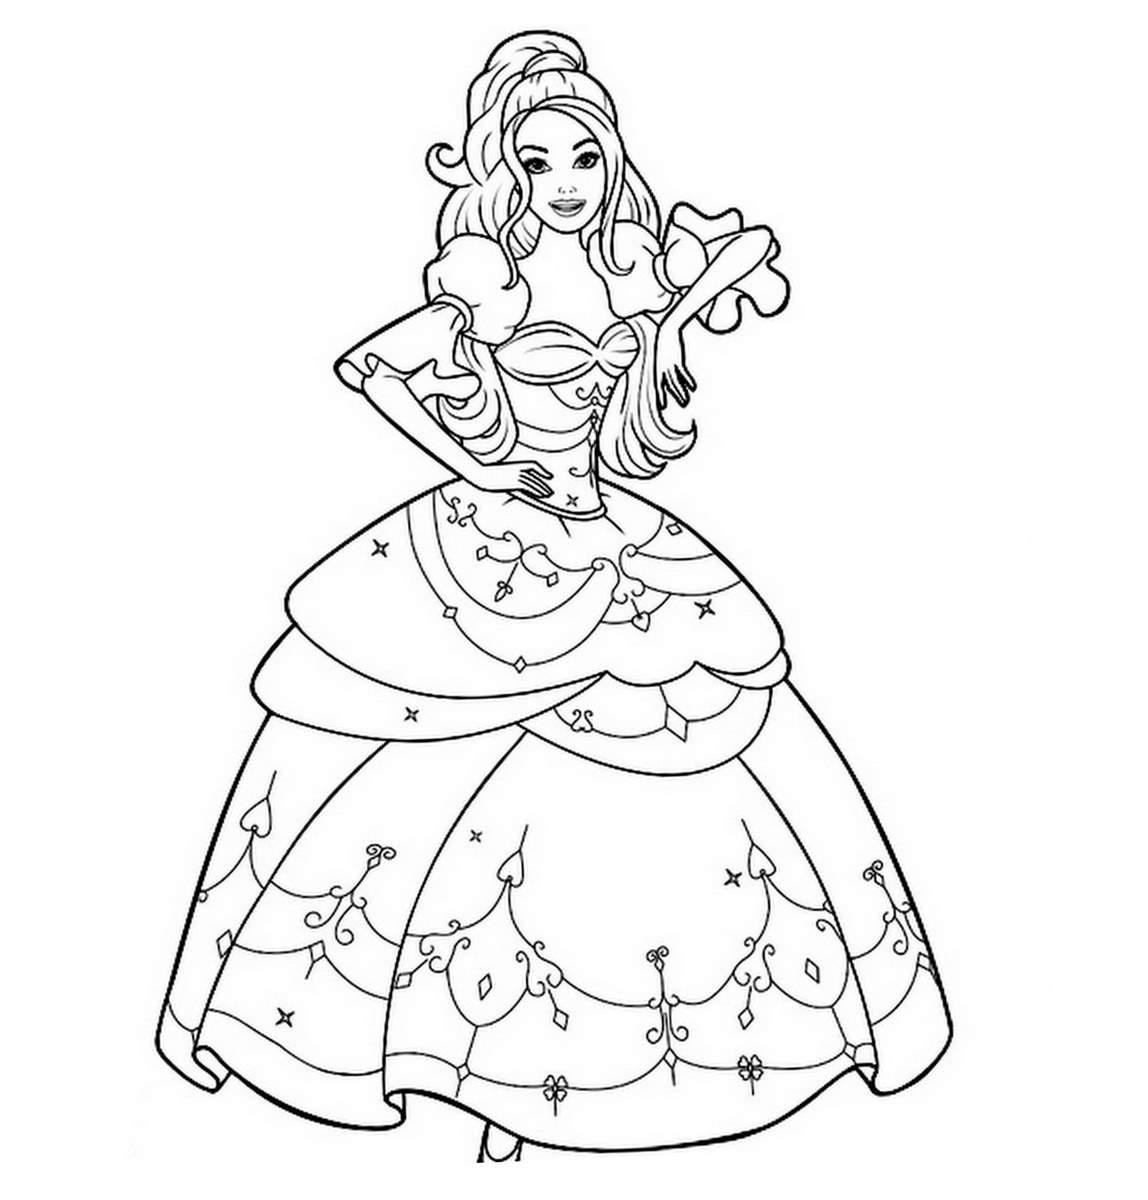 Dessin de princesse - Princesse dessin ...